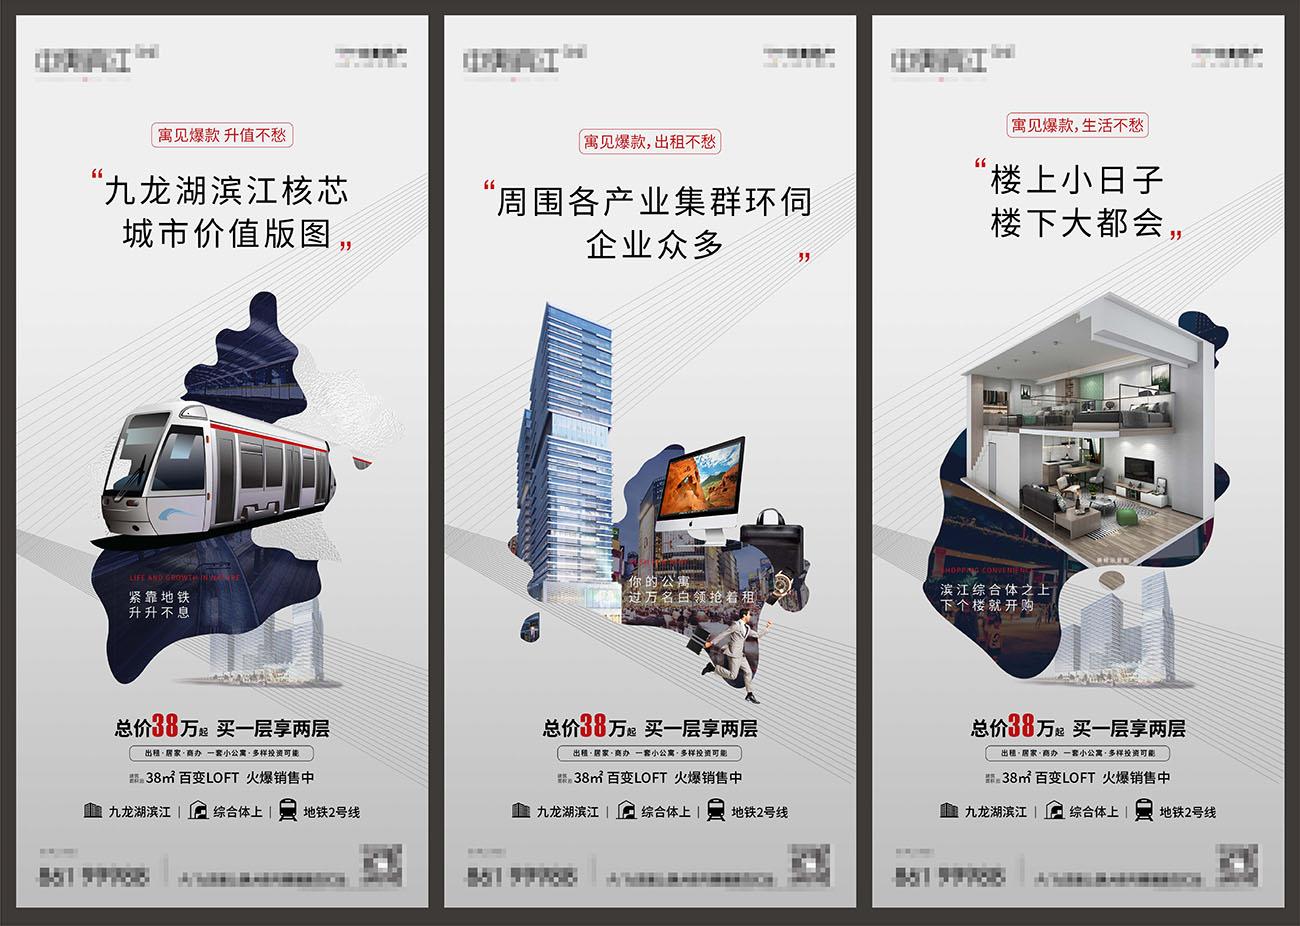 房地产配套价值点系列海报PSD源文件插图